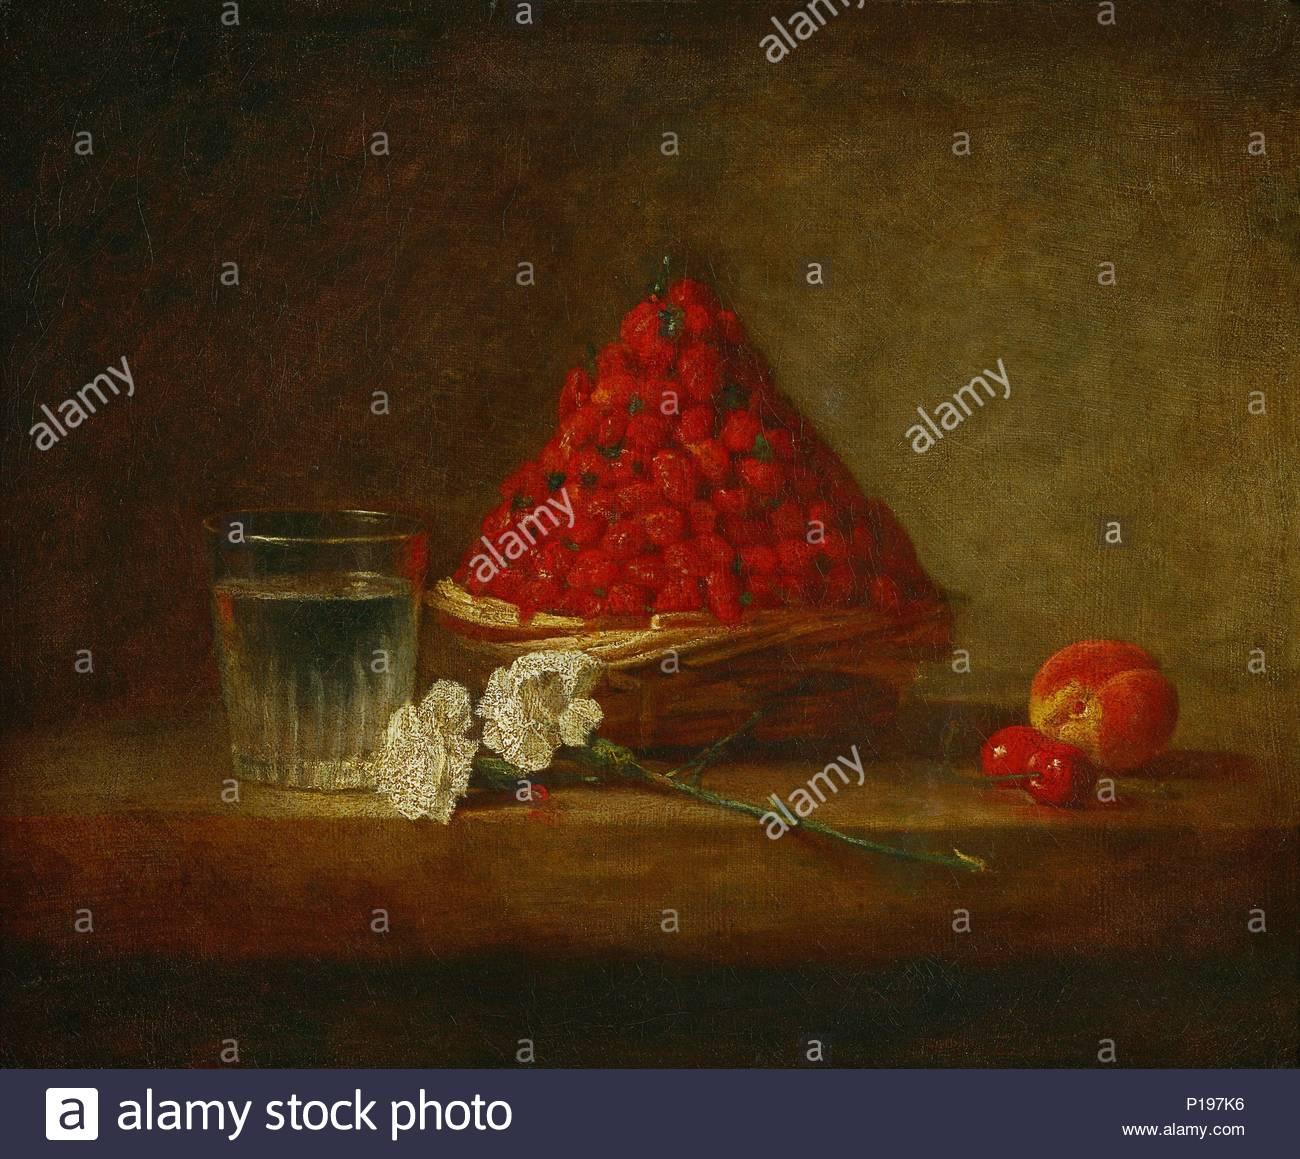 Le Panier De Fraises Des Bois Obstkorb Wilde Erdbeeren Leinwand